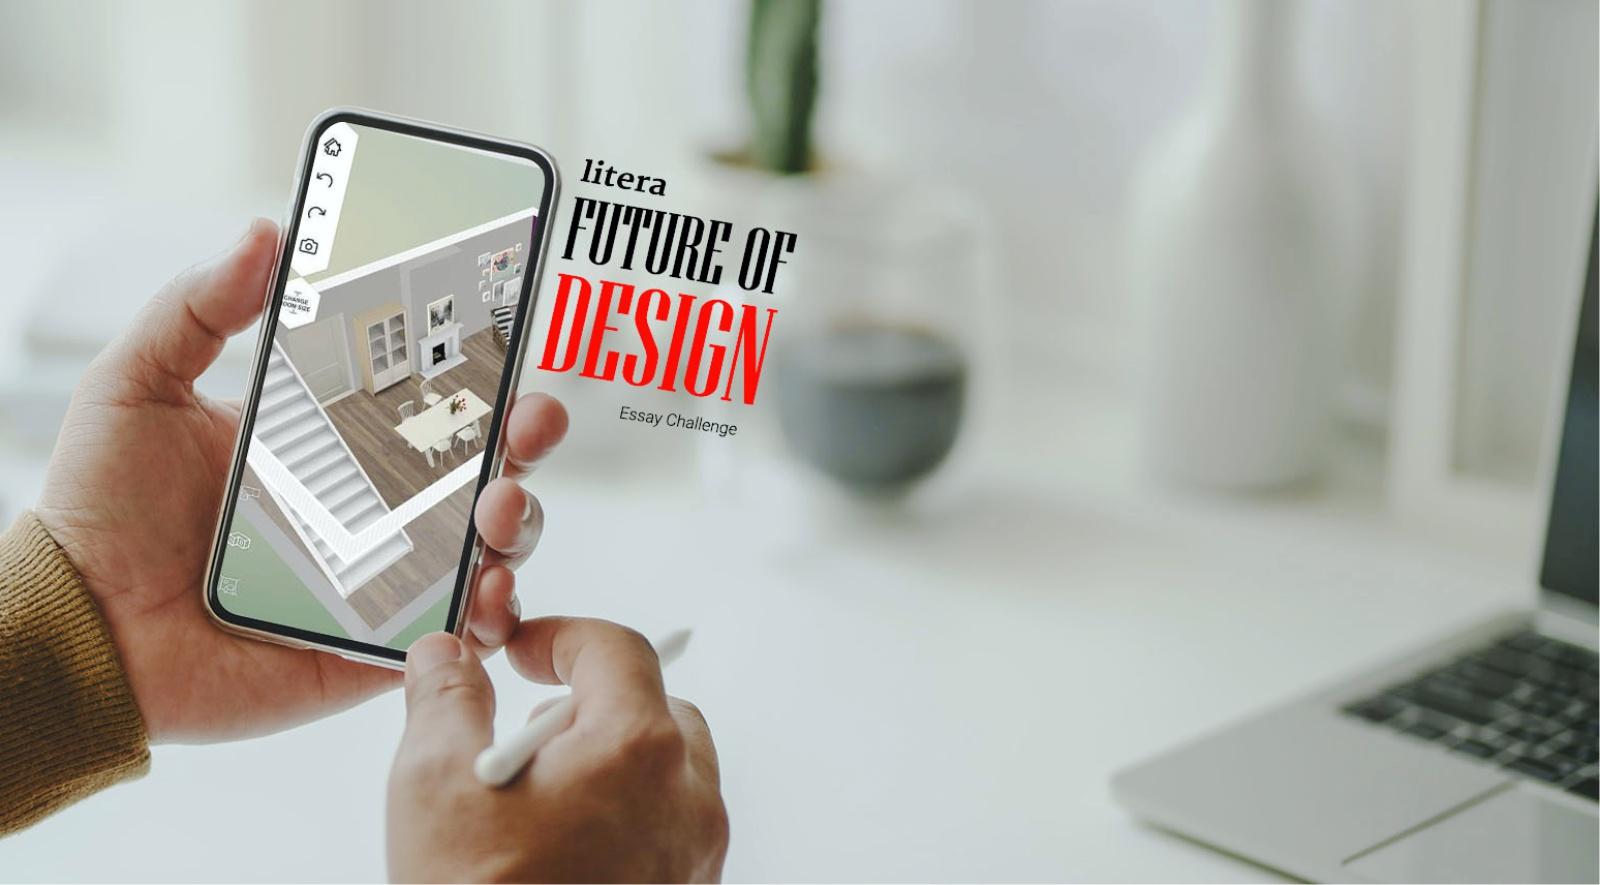 Future of Design